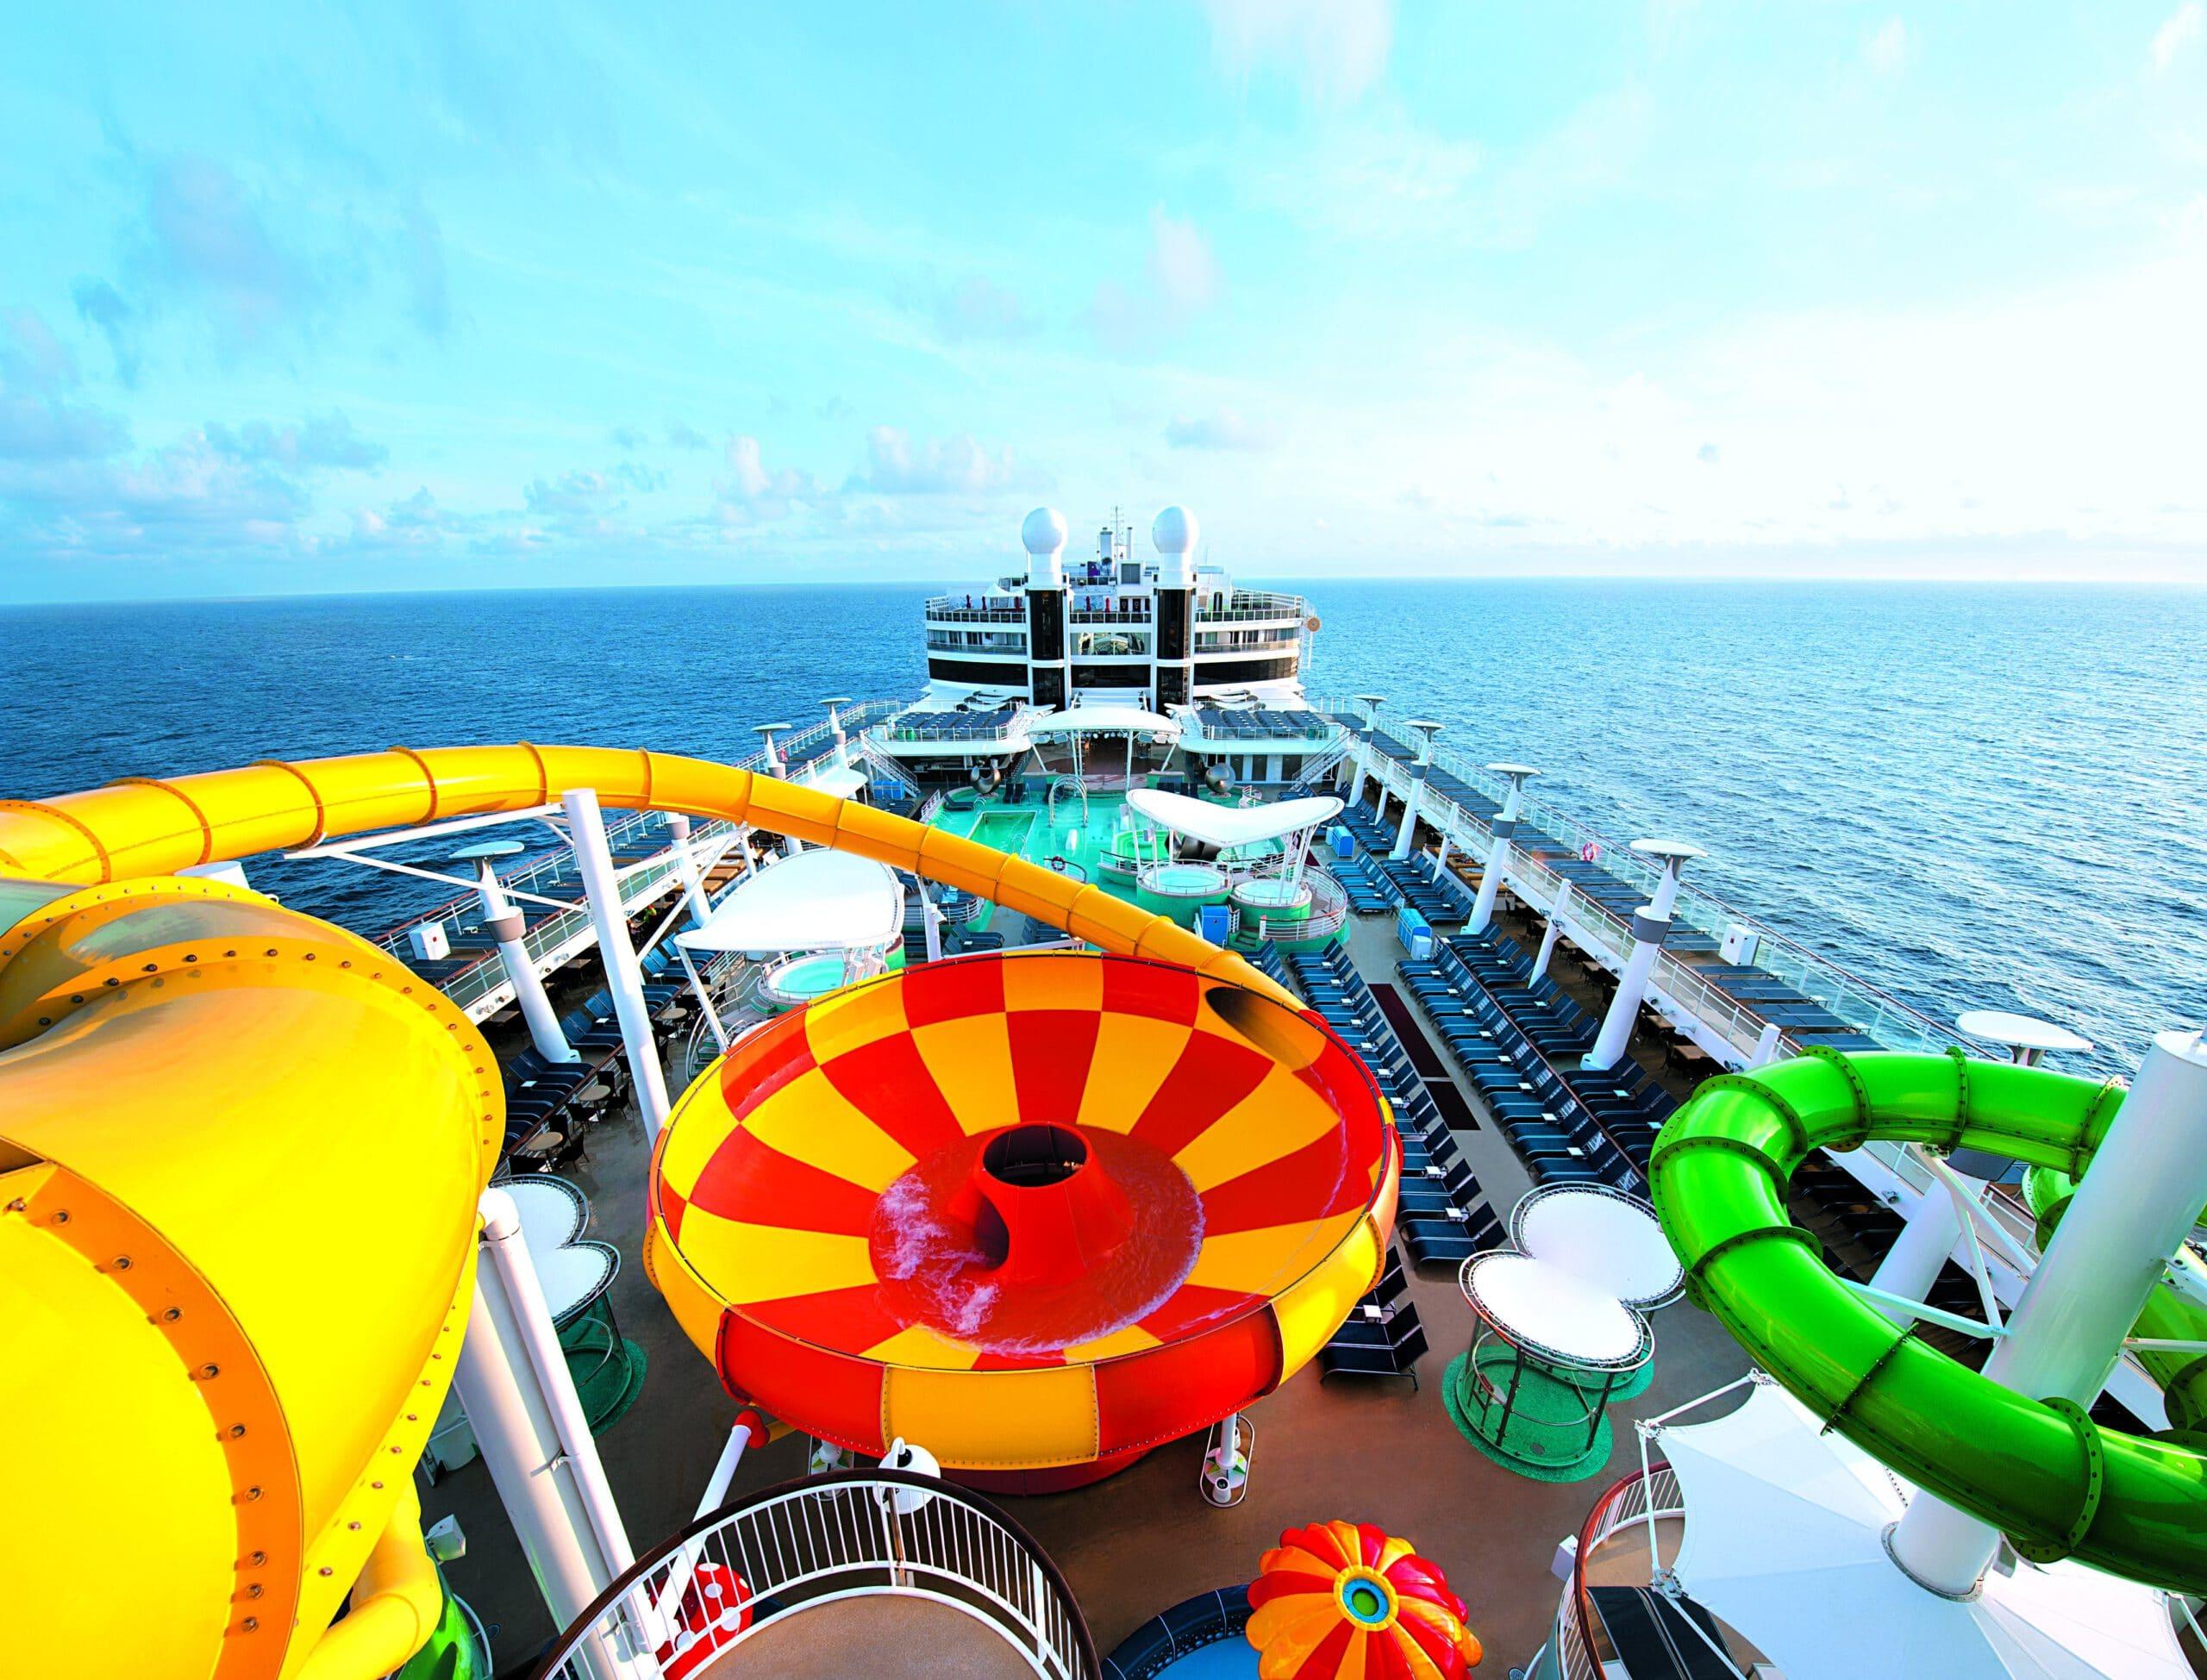 Cruiseschip-Norwegian Epic-Norwegian Cruise Line-Glijbanen